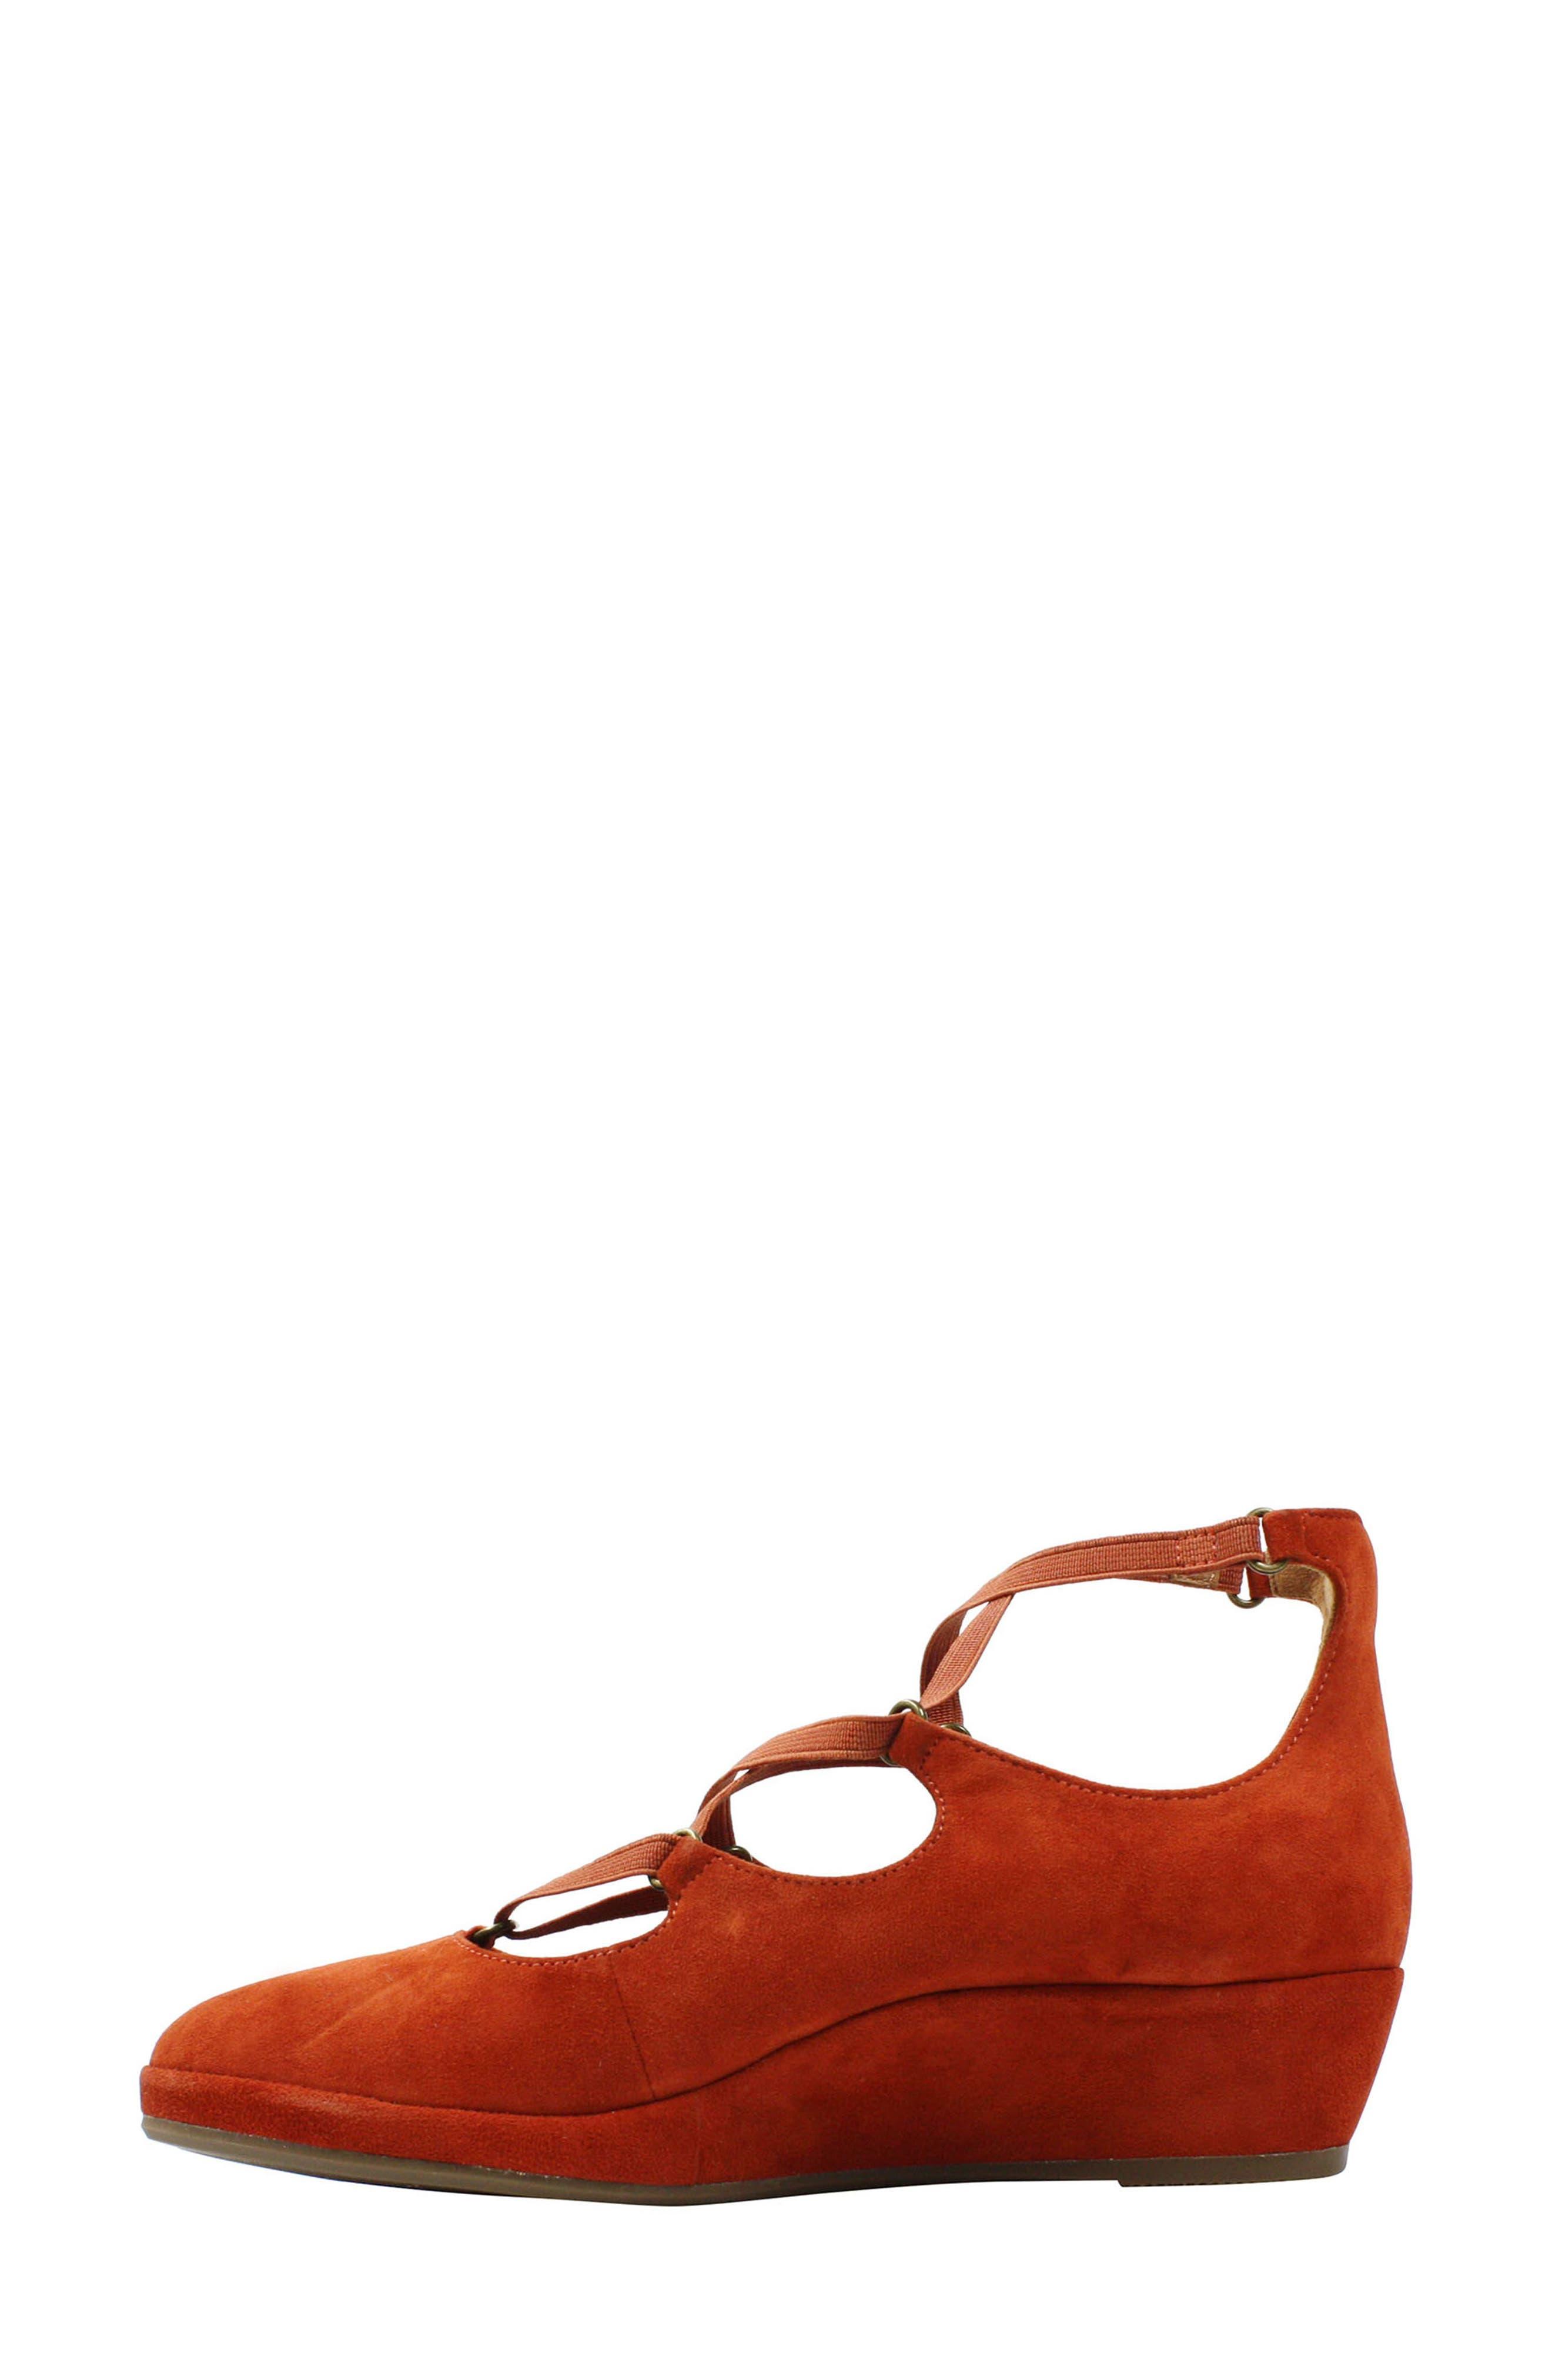 61ce26d5947 Women s Shoes Sale